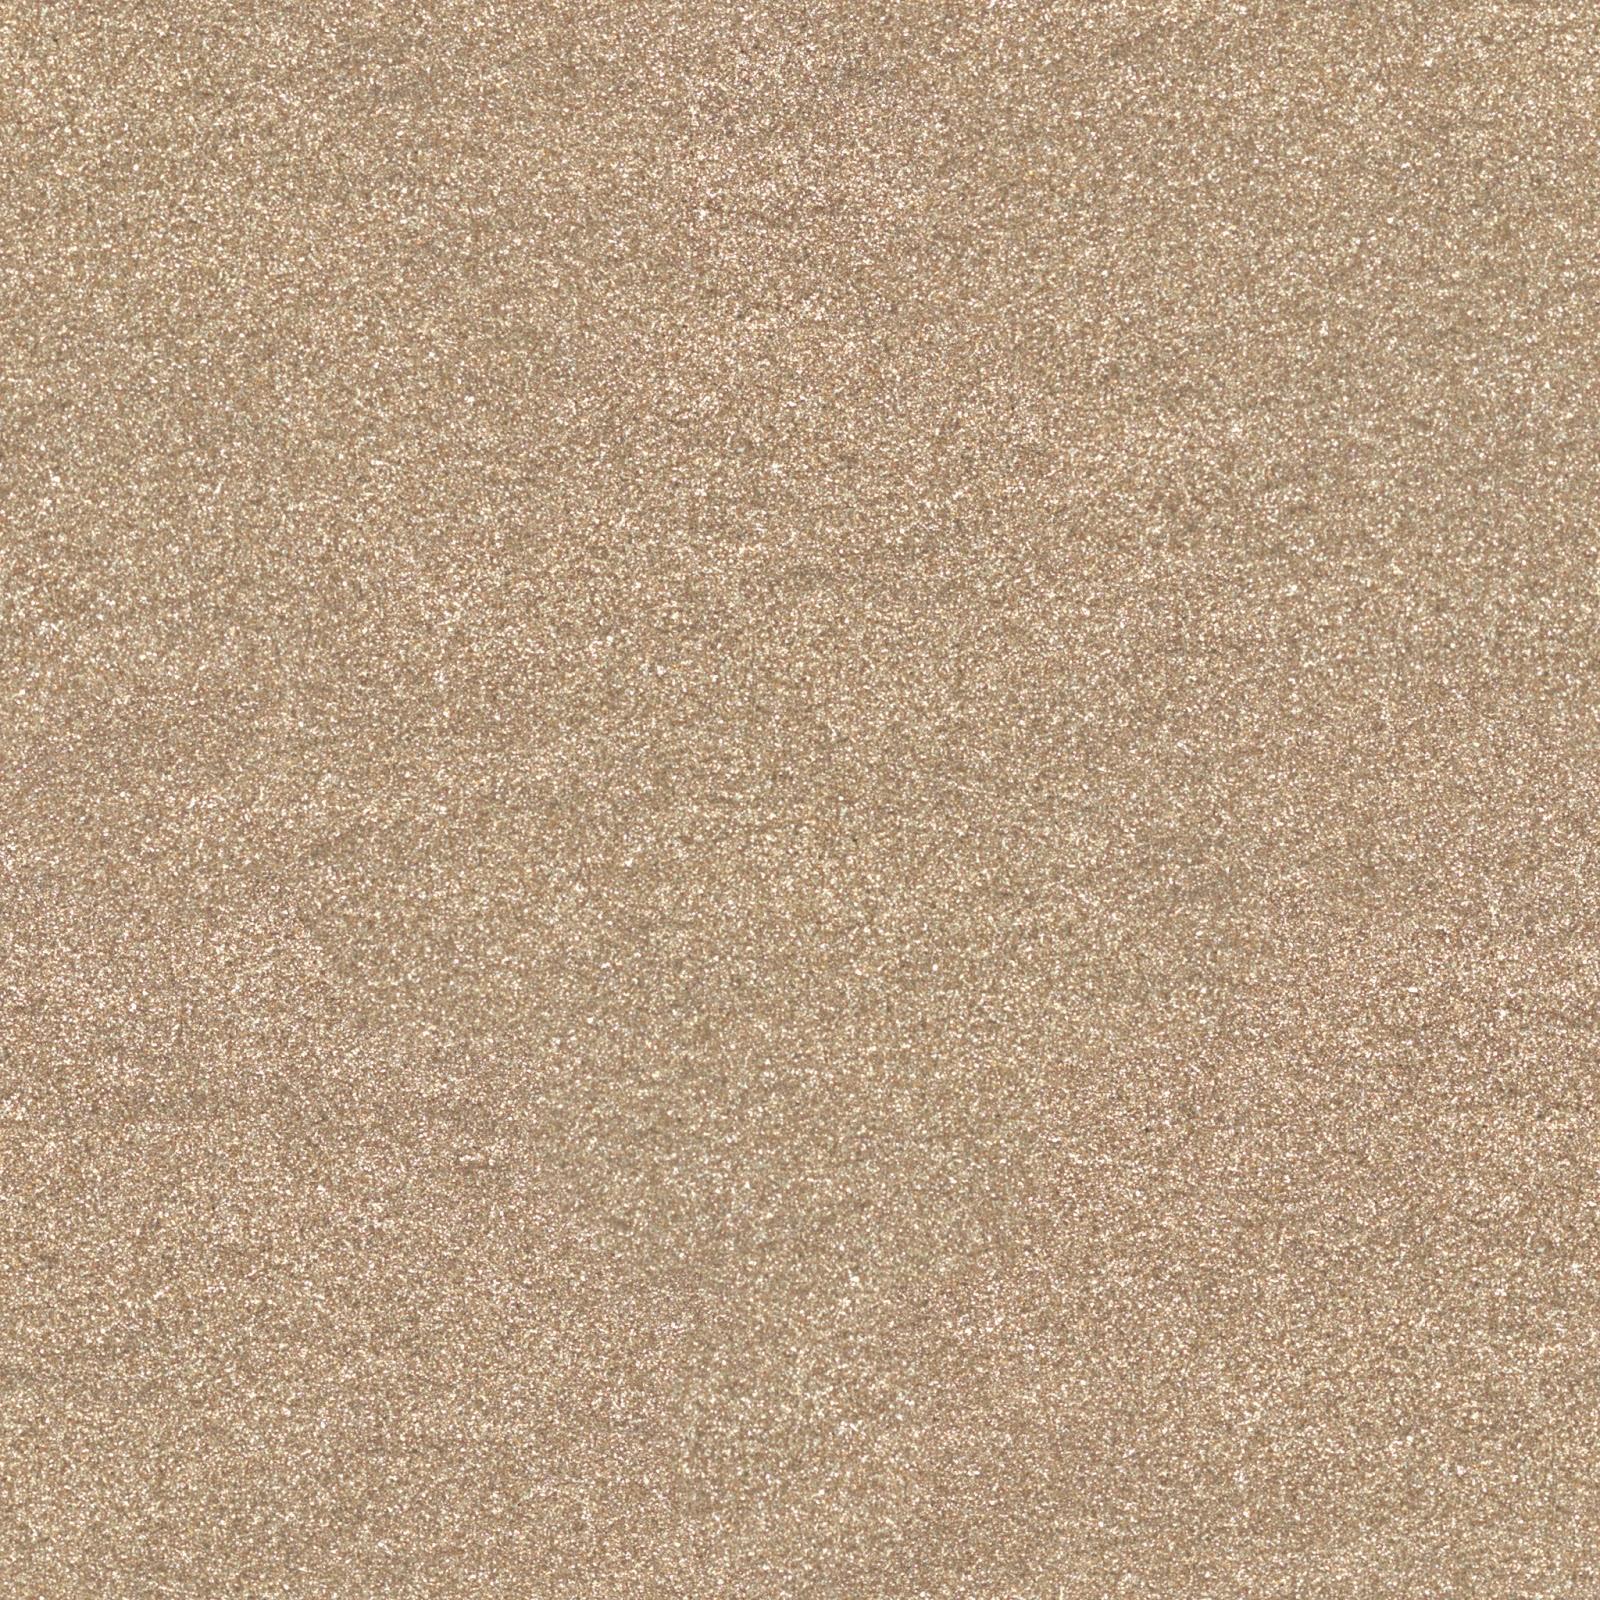 High Resolution Seamless Textures: Beach sand seamless ...